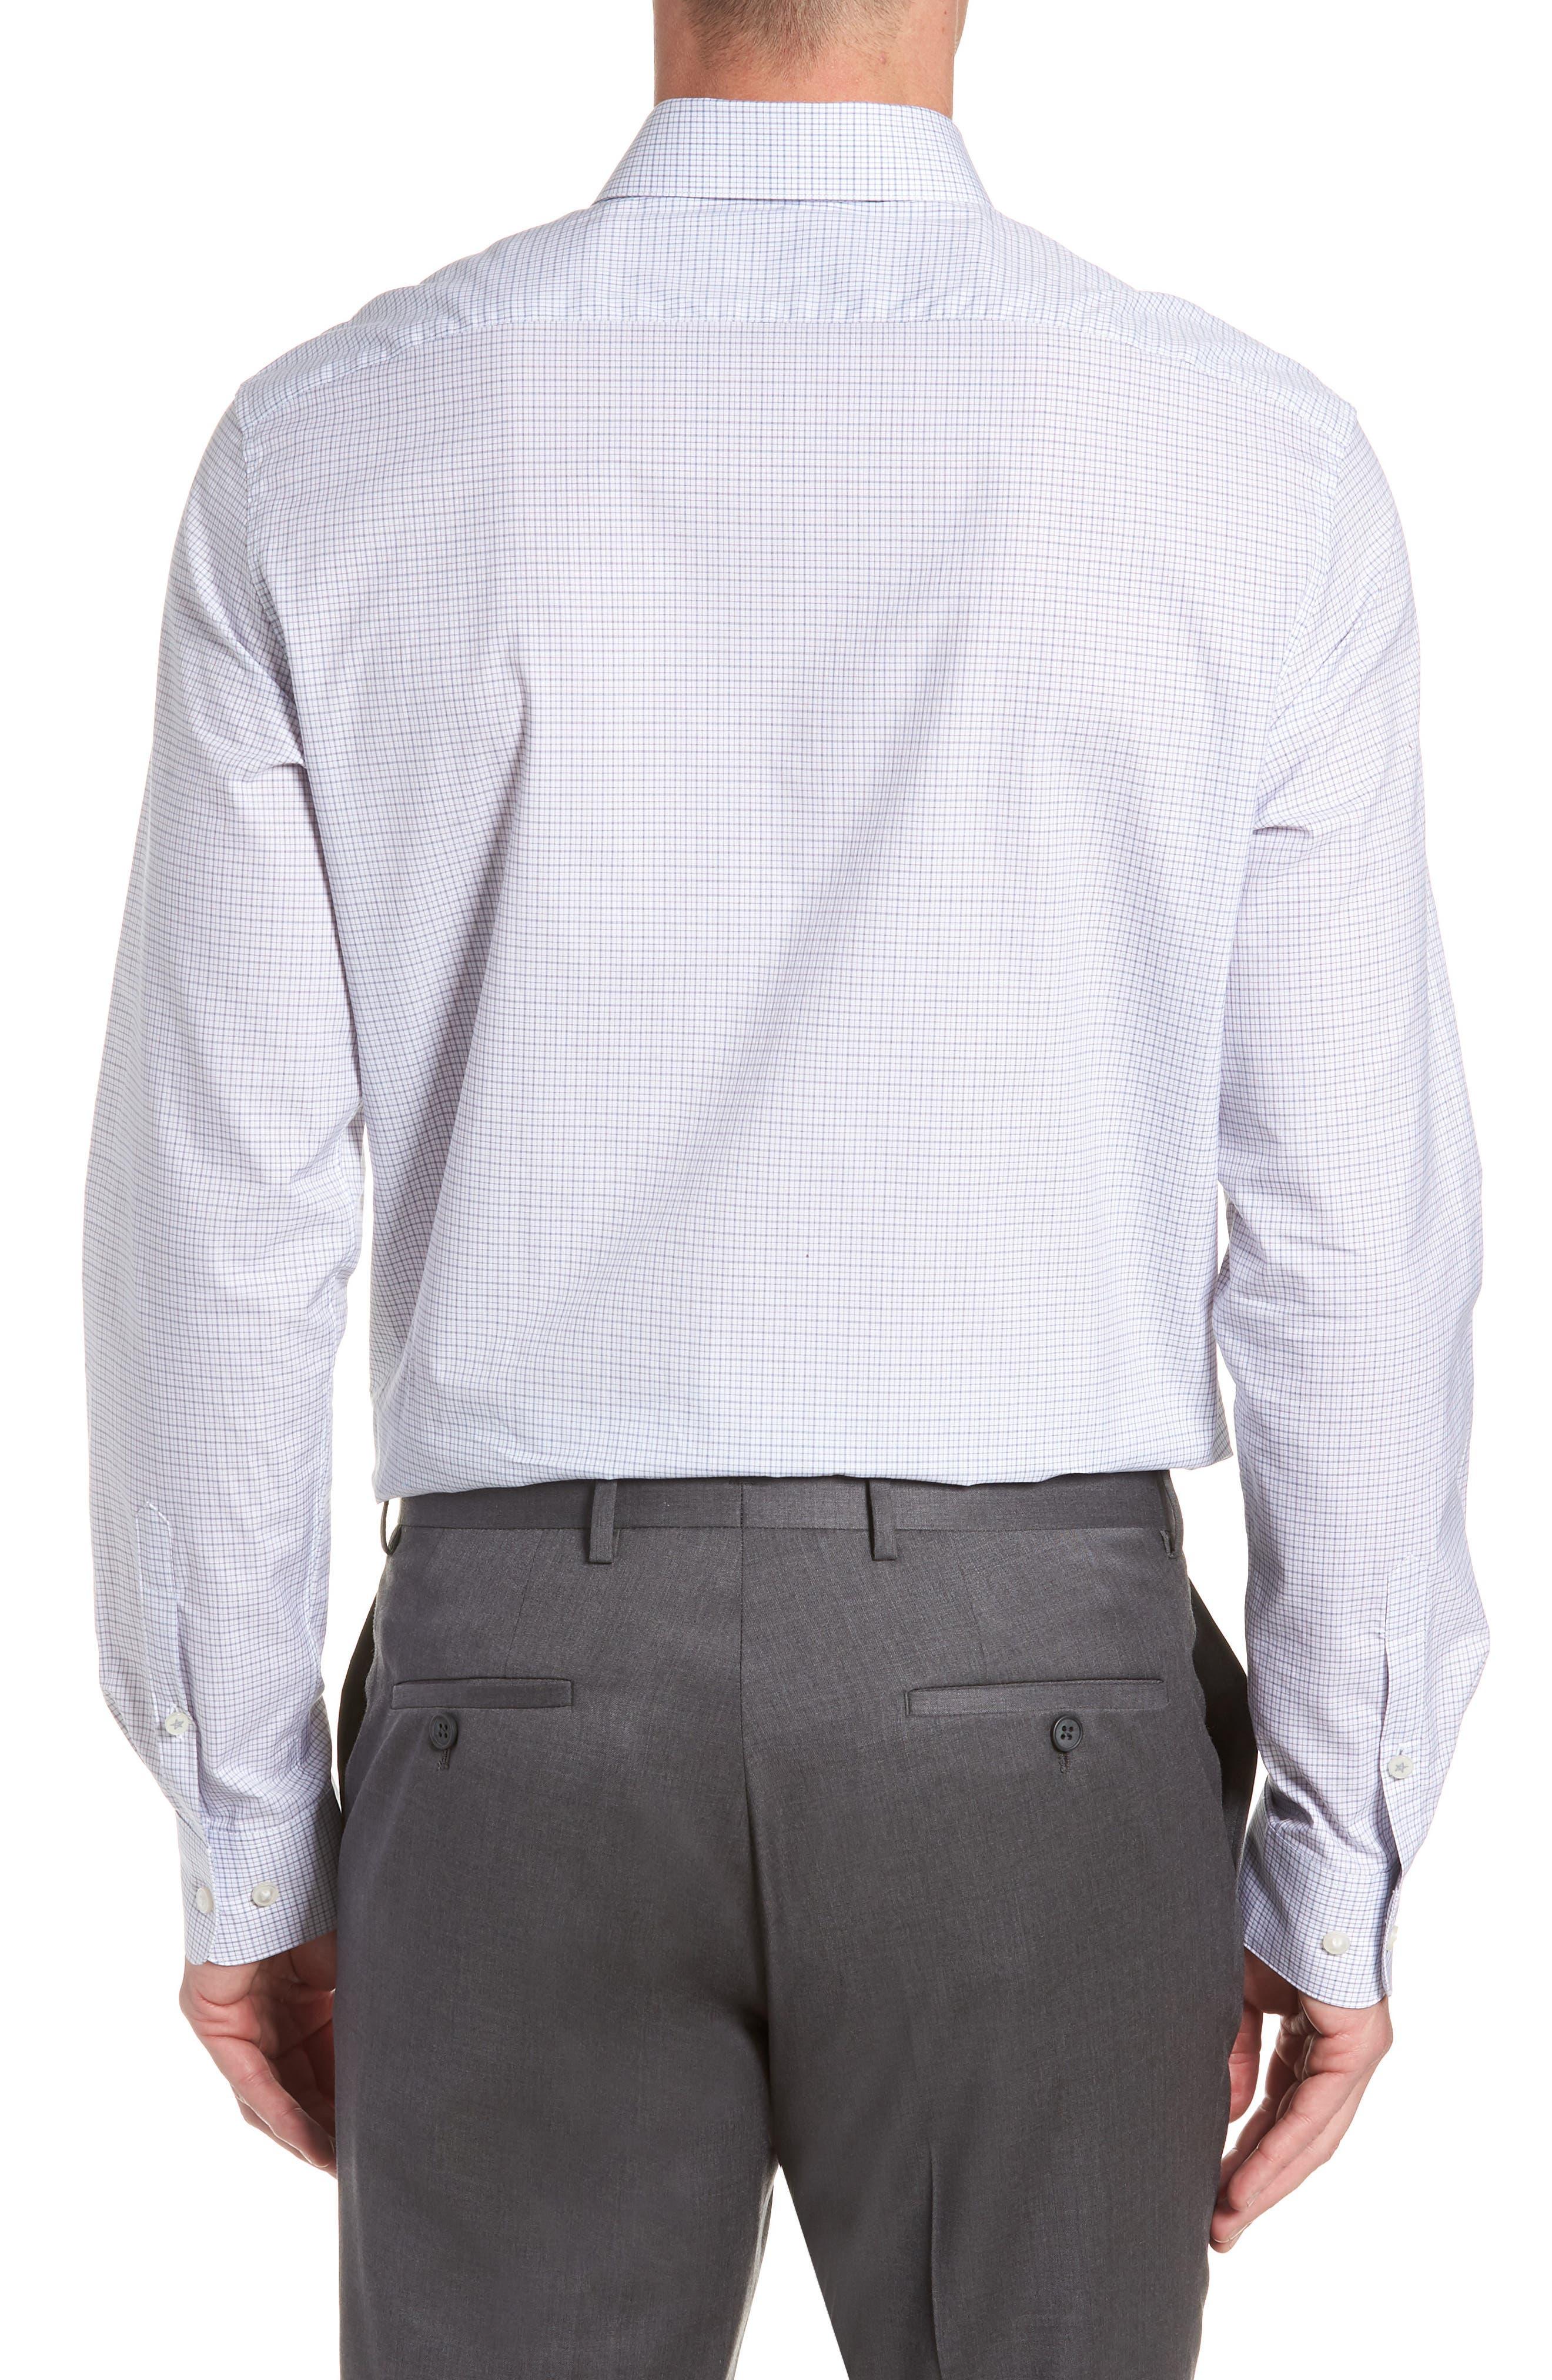 JOHN VARVATOS STAR USA,                             Micro Plaid Regular Fit Dress Shirt,                             Alternate thumbnail 3, color,                             428